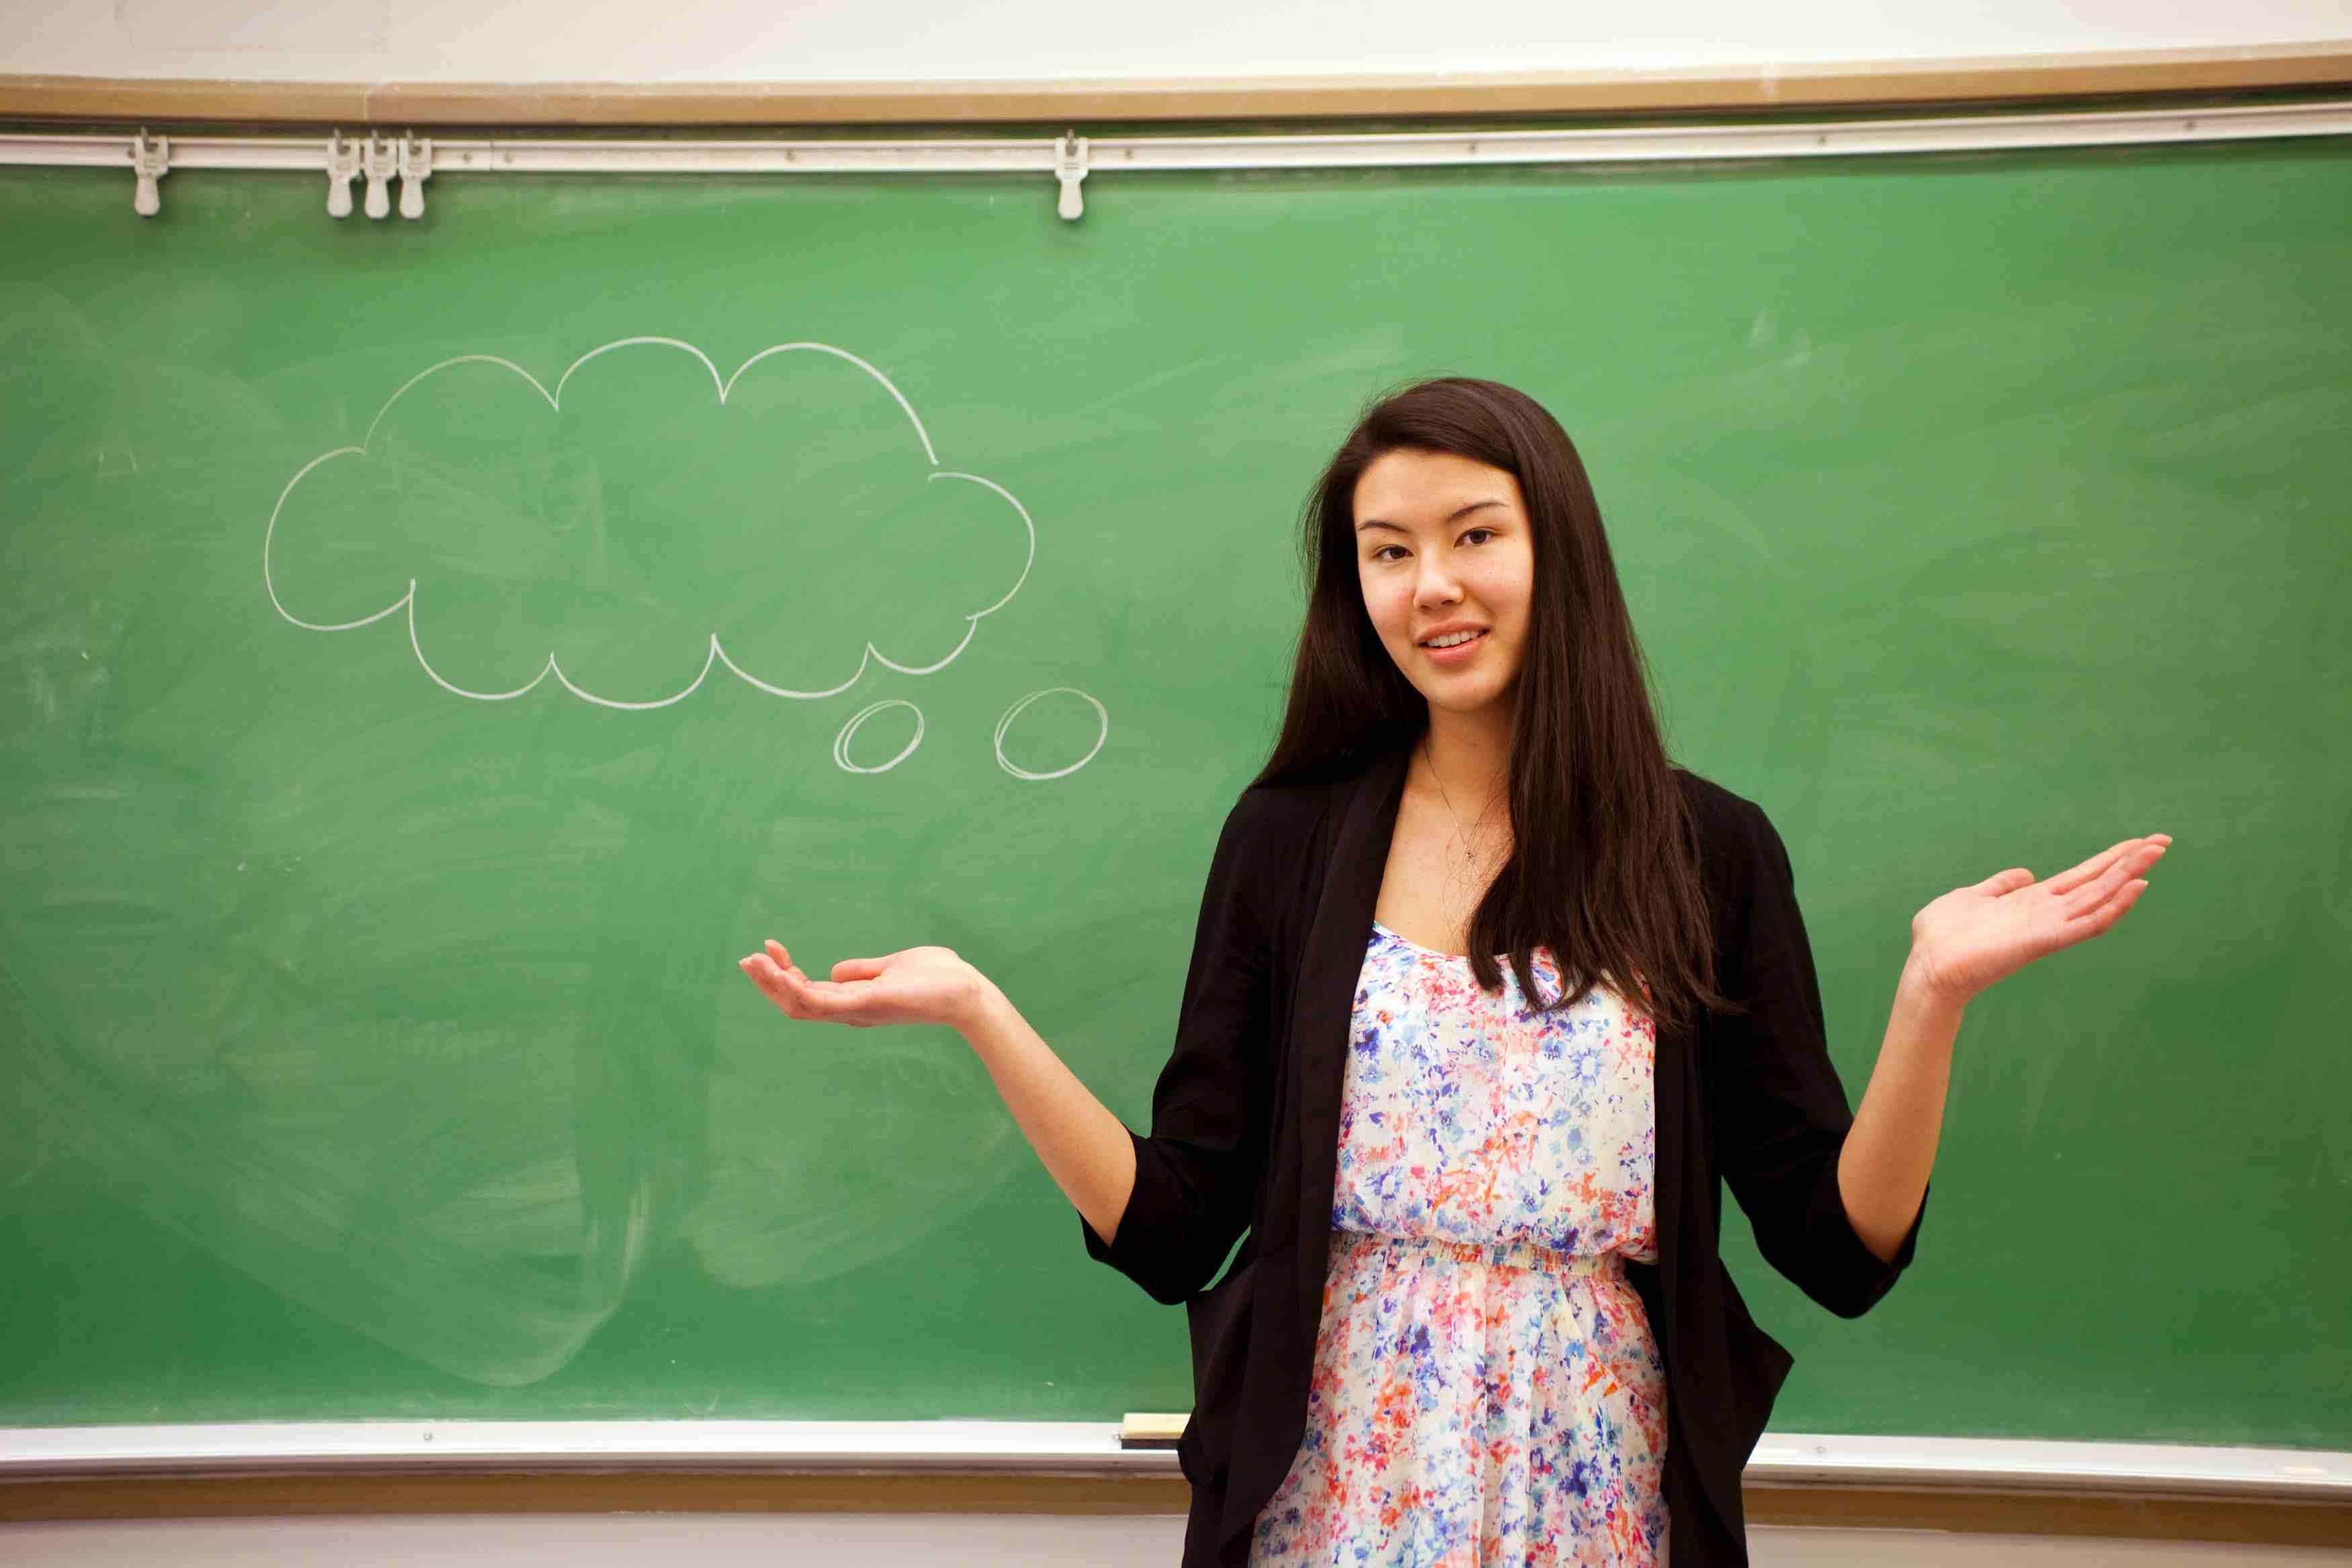 Woman talking in front of chalkboard